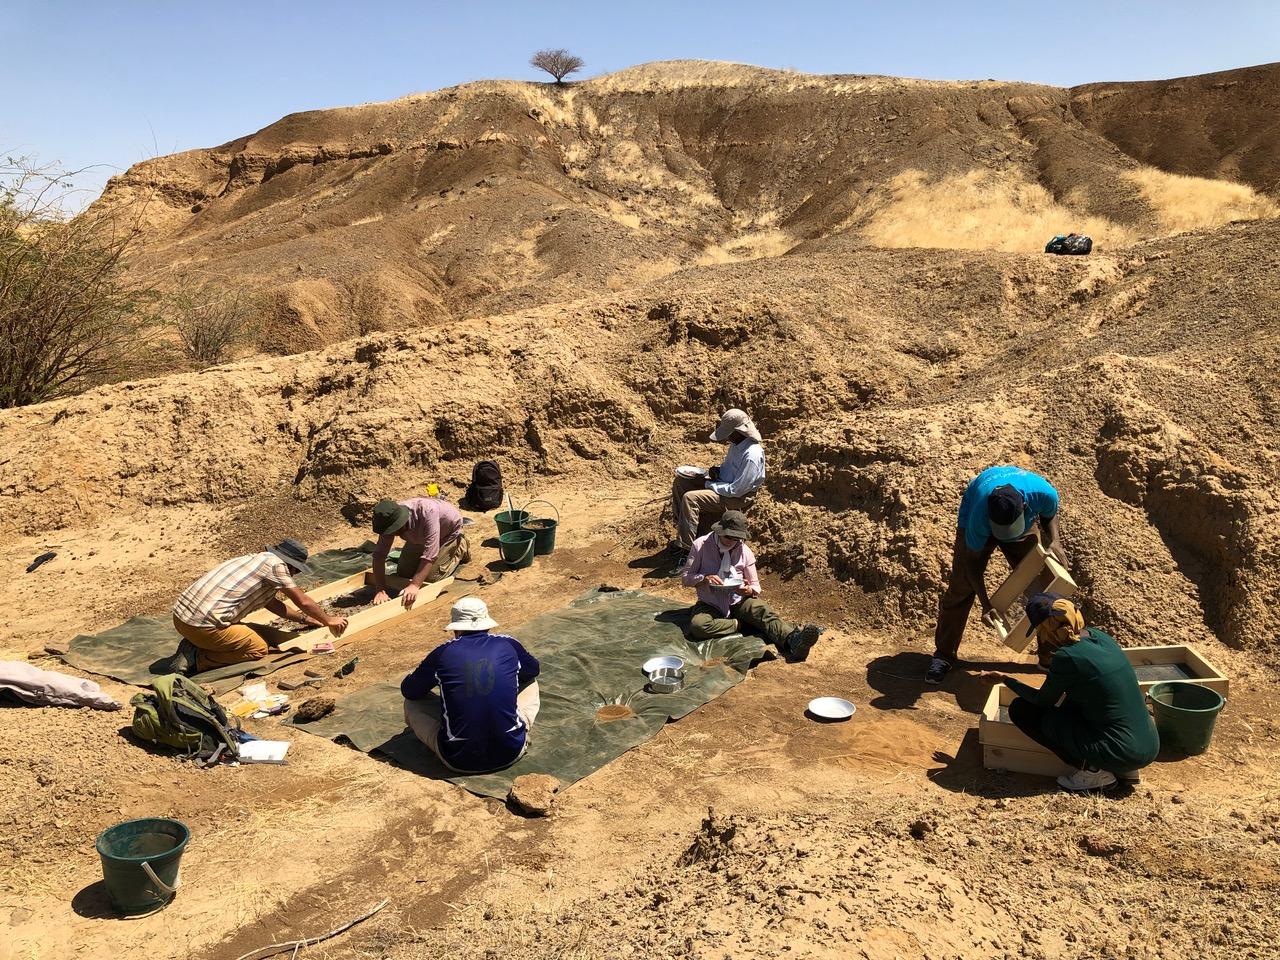 Exzellente Aufschlussverhältnisse: Fossiliensuche im Atbara-Tal. Foto: Faysal Bibi/Museum für Naturkunde